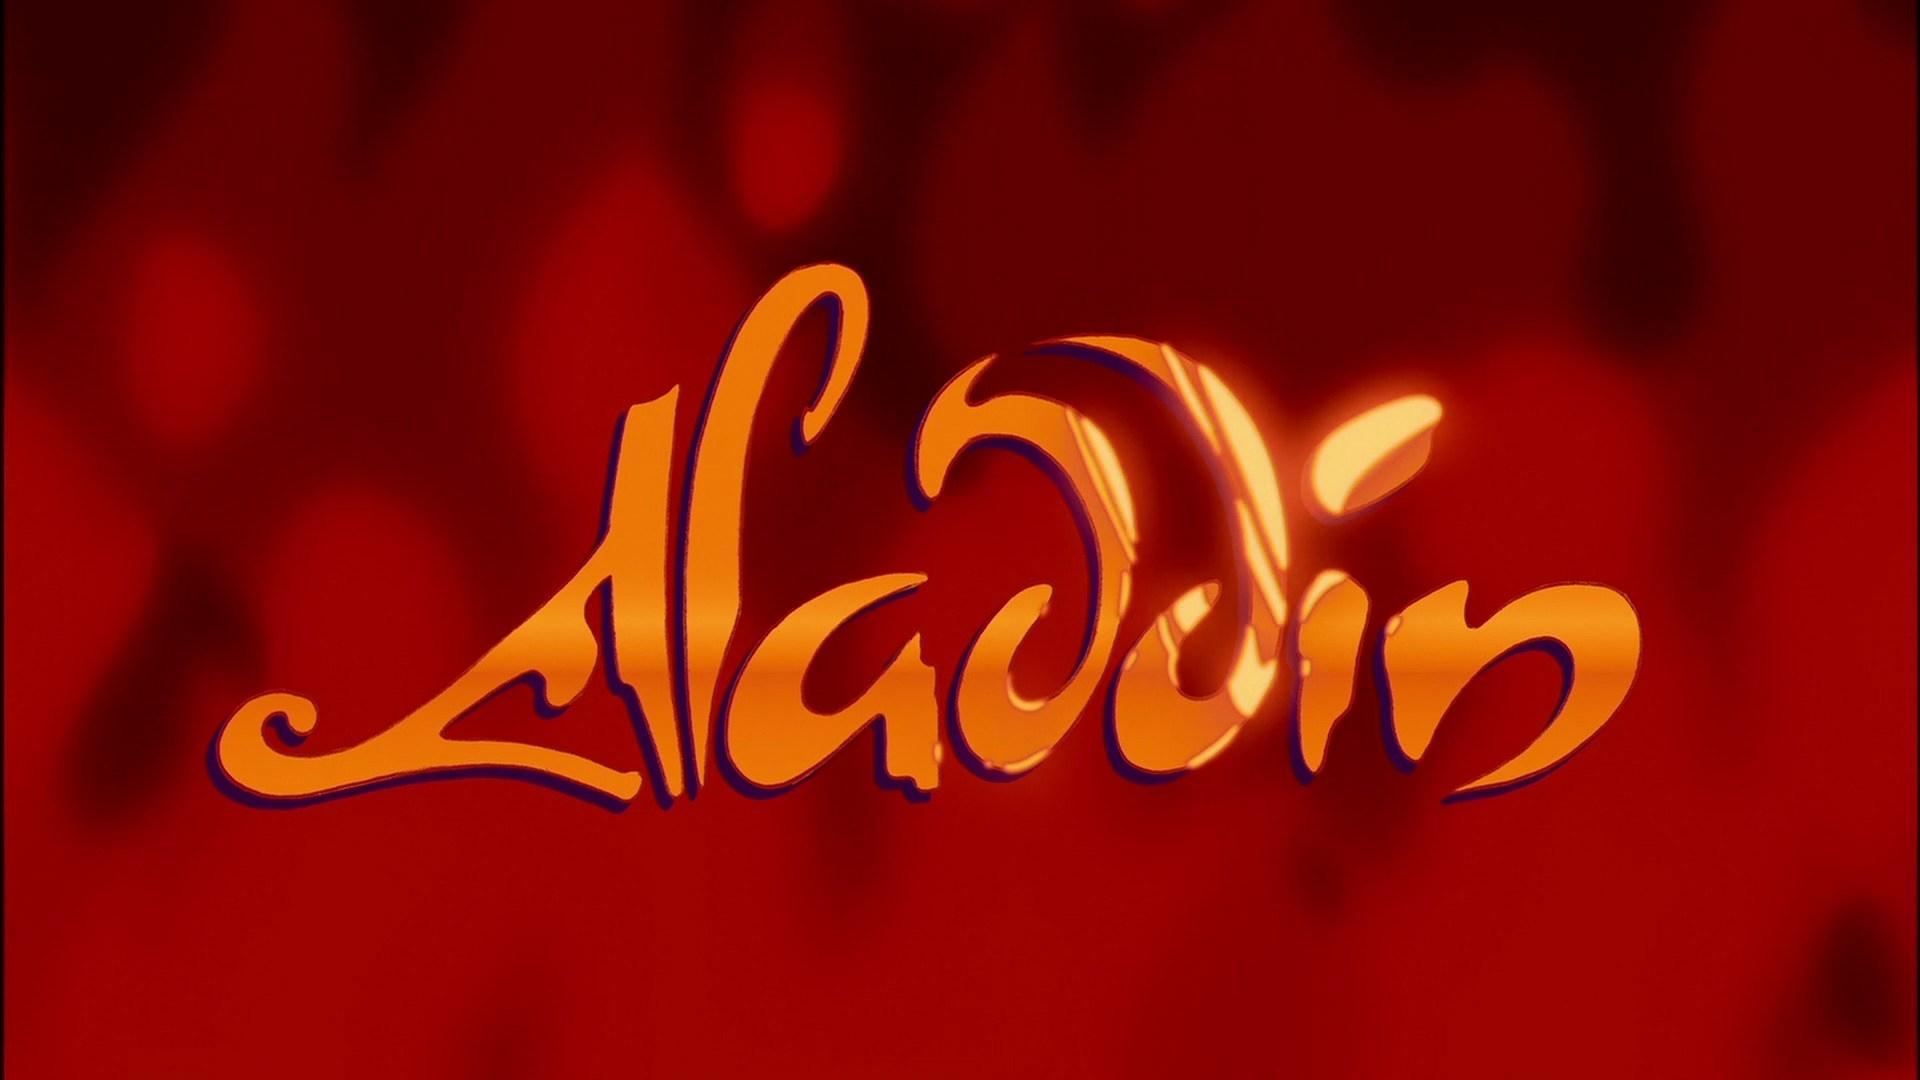 Aladdin (1992) (@kungstorpsplat) Cover Image